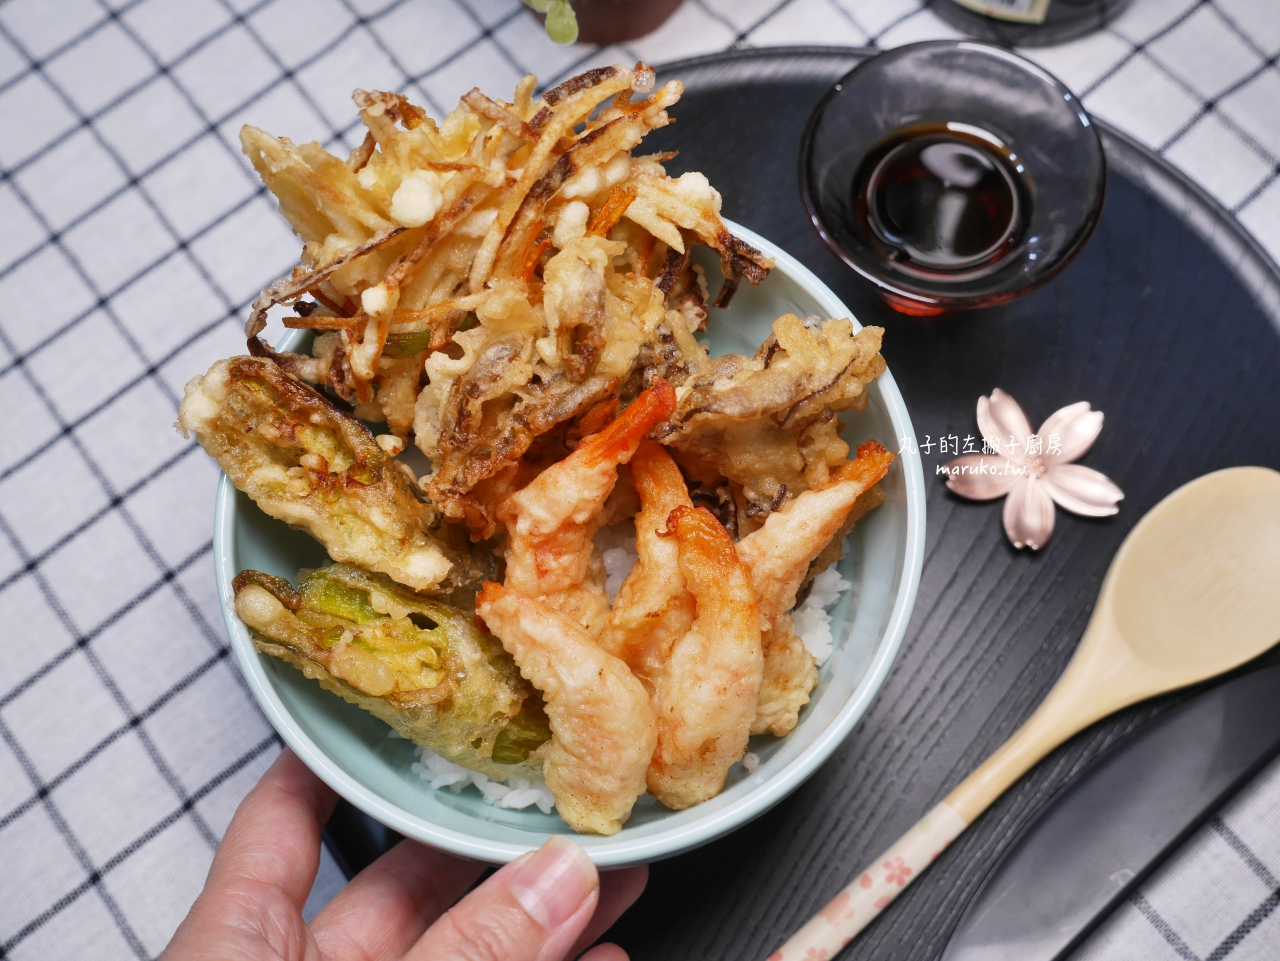 【食譜】牛丼 簡單醬汁做日式牛肉蓋飯 10分鐘上菜 快速晚餐做法 @Maruko與美食有個約會